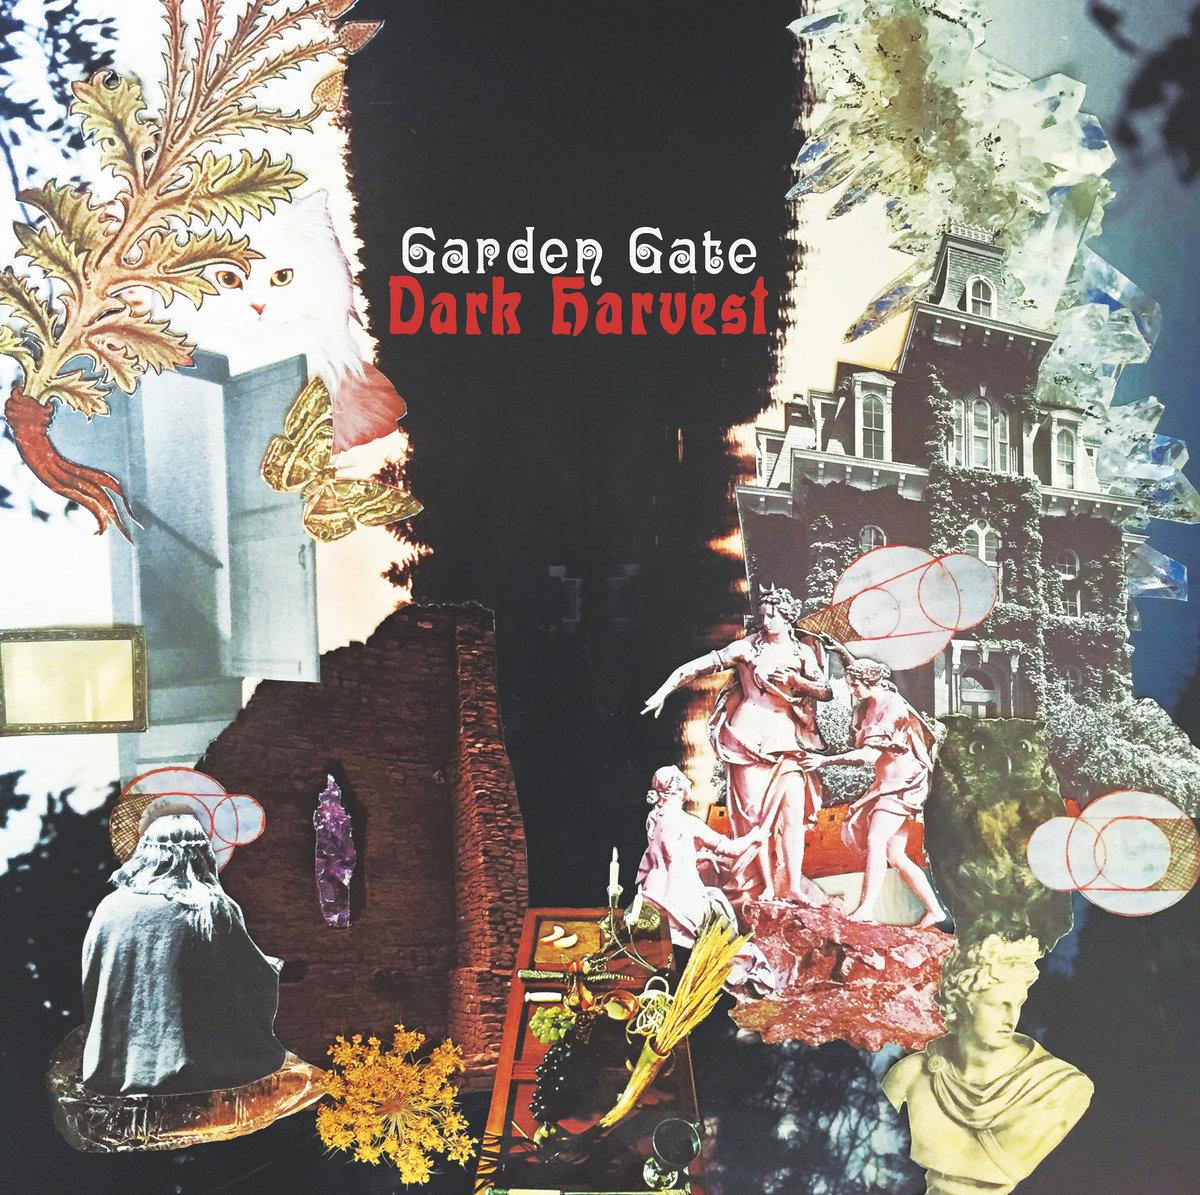 By Garden Gate